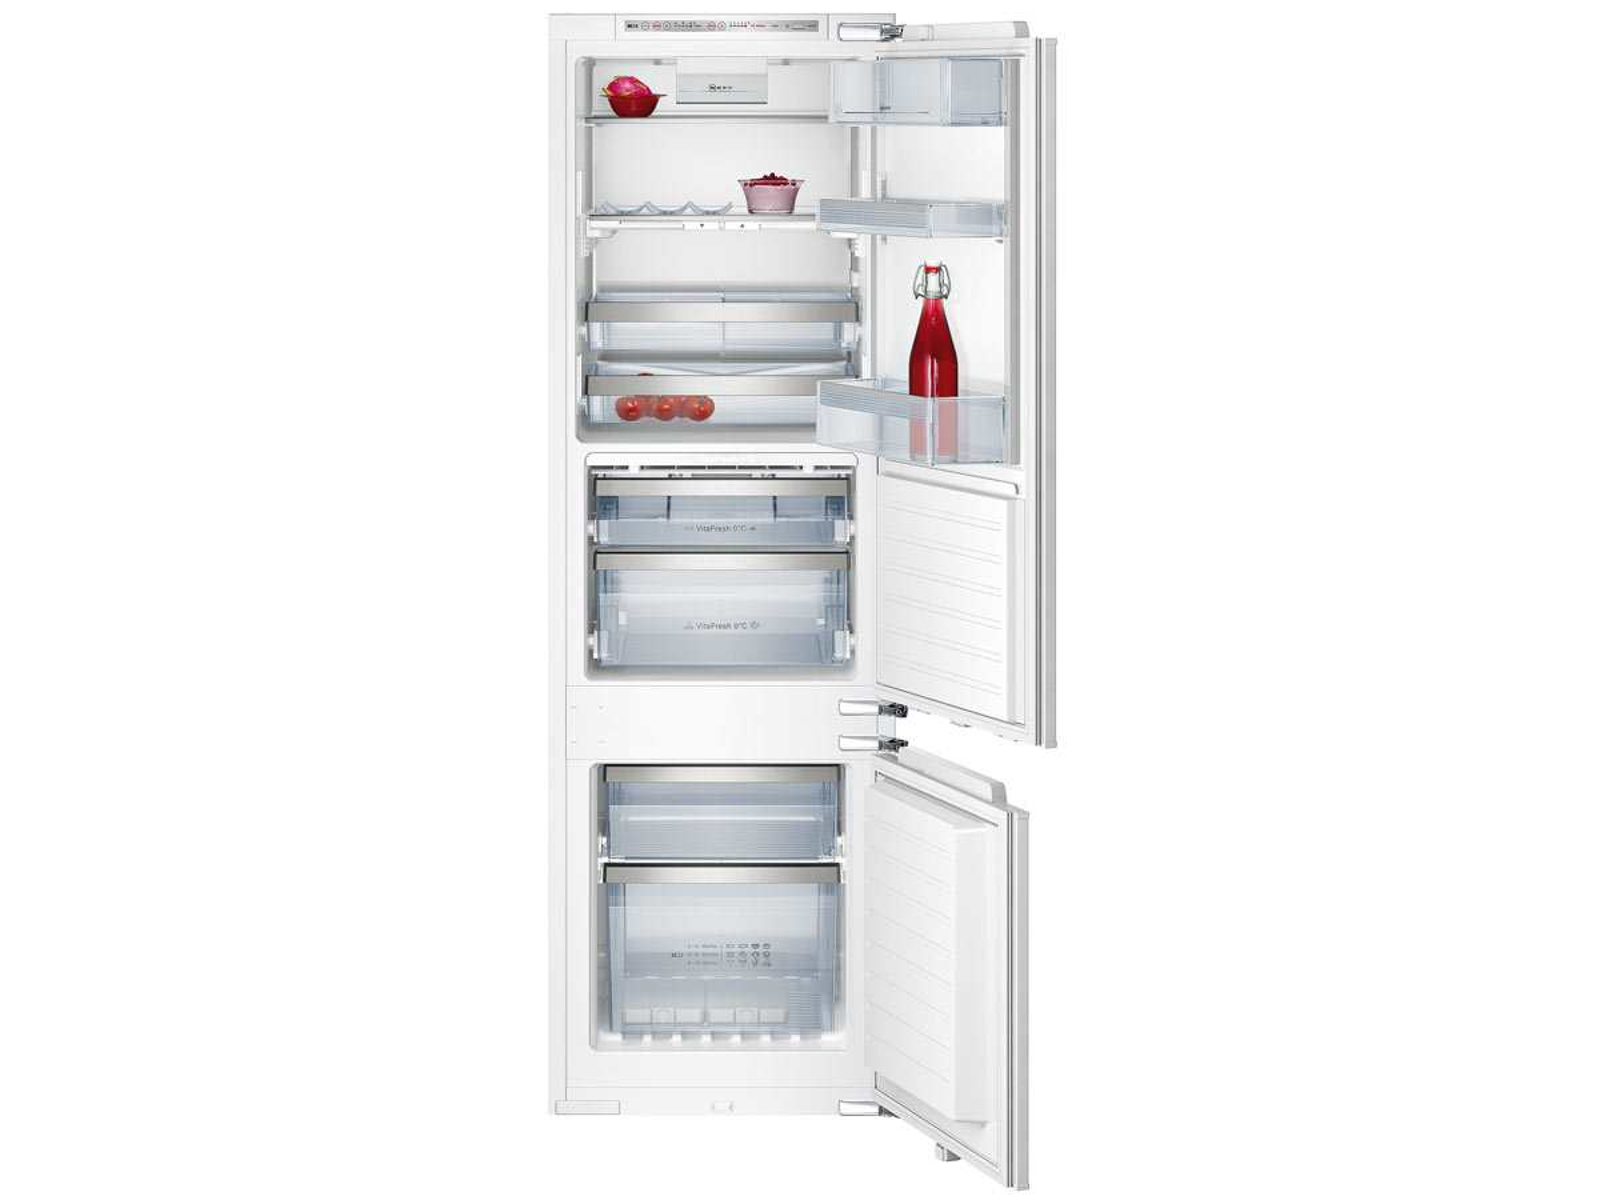 Neff Kühlschrank Side By Side : Neff k 345 cool deluxe einbau kühl gefrierkombination